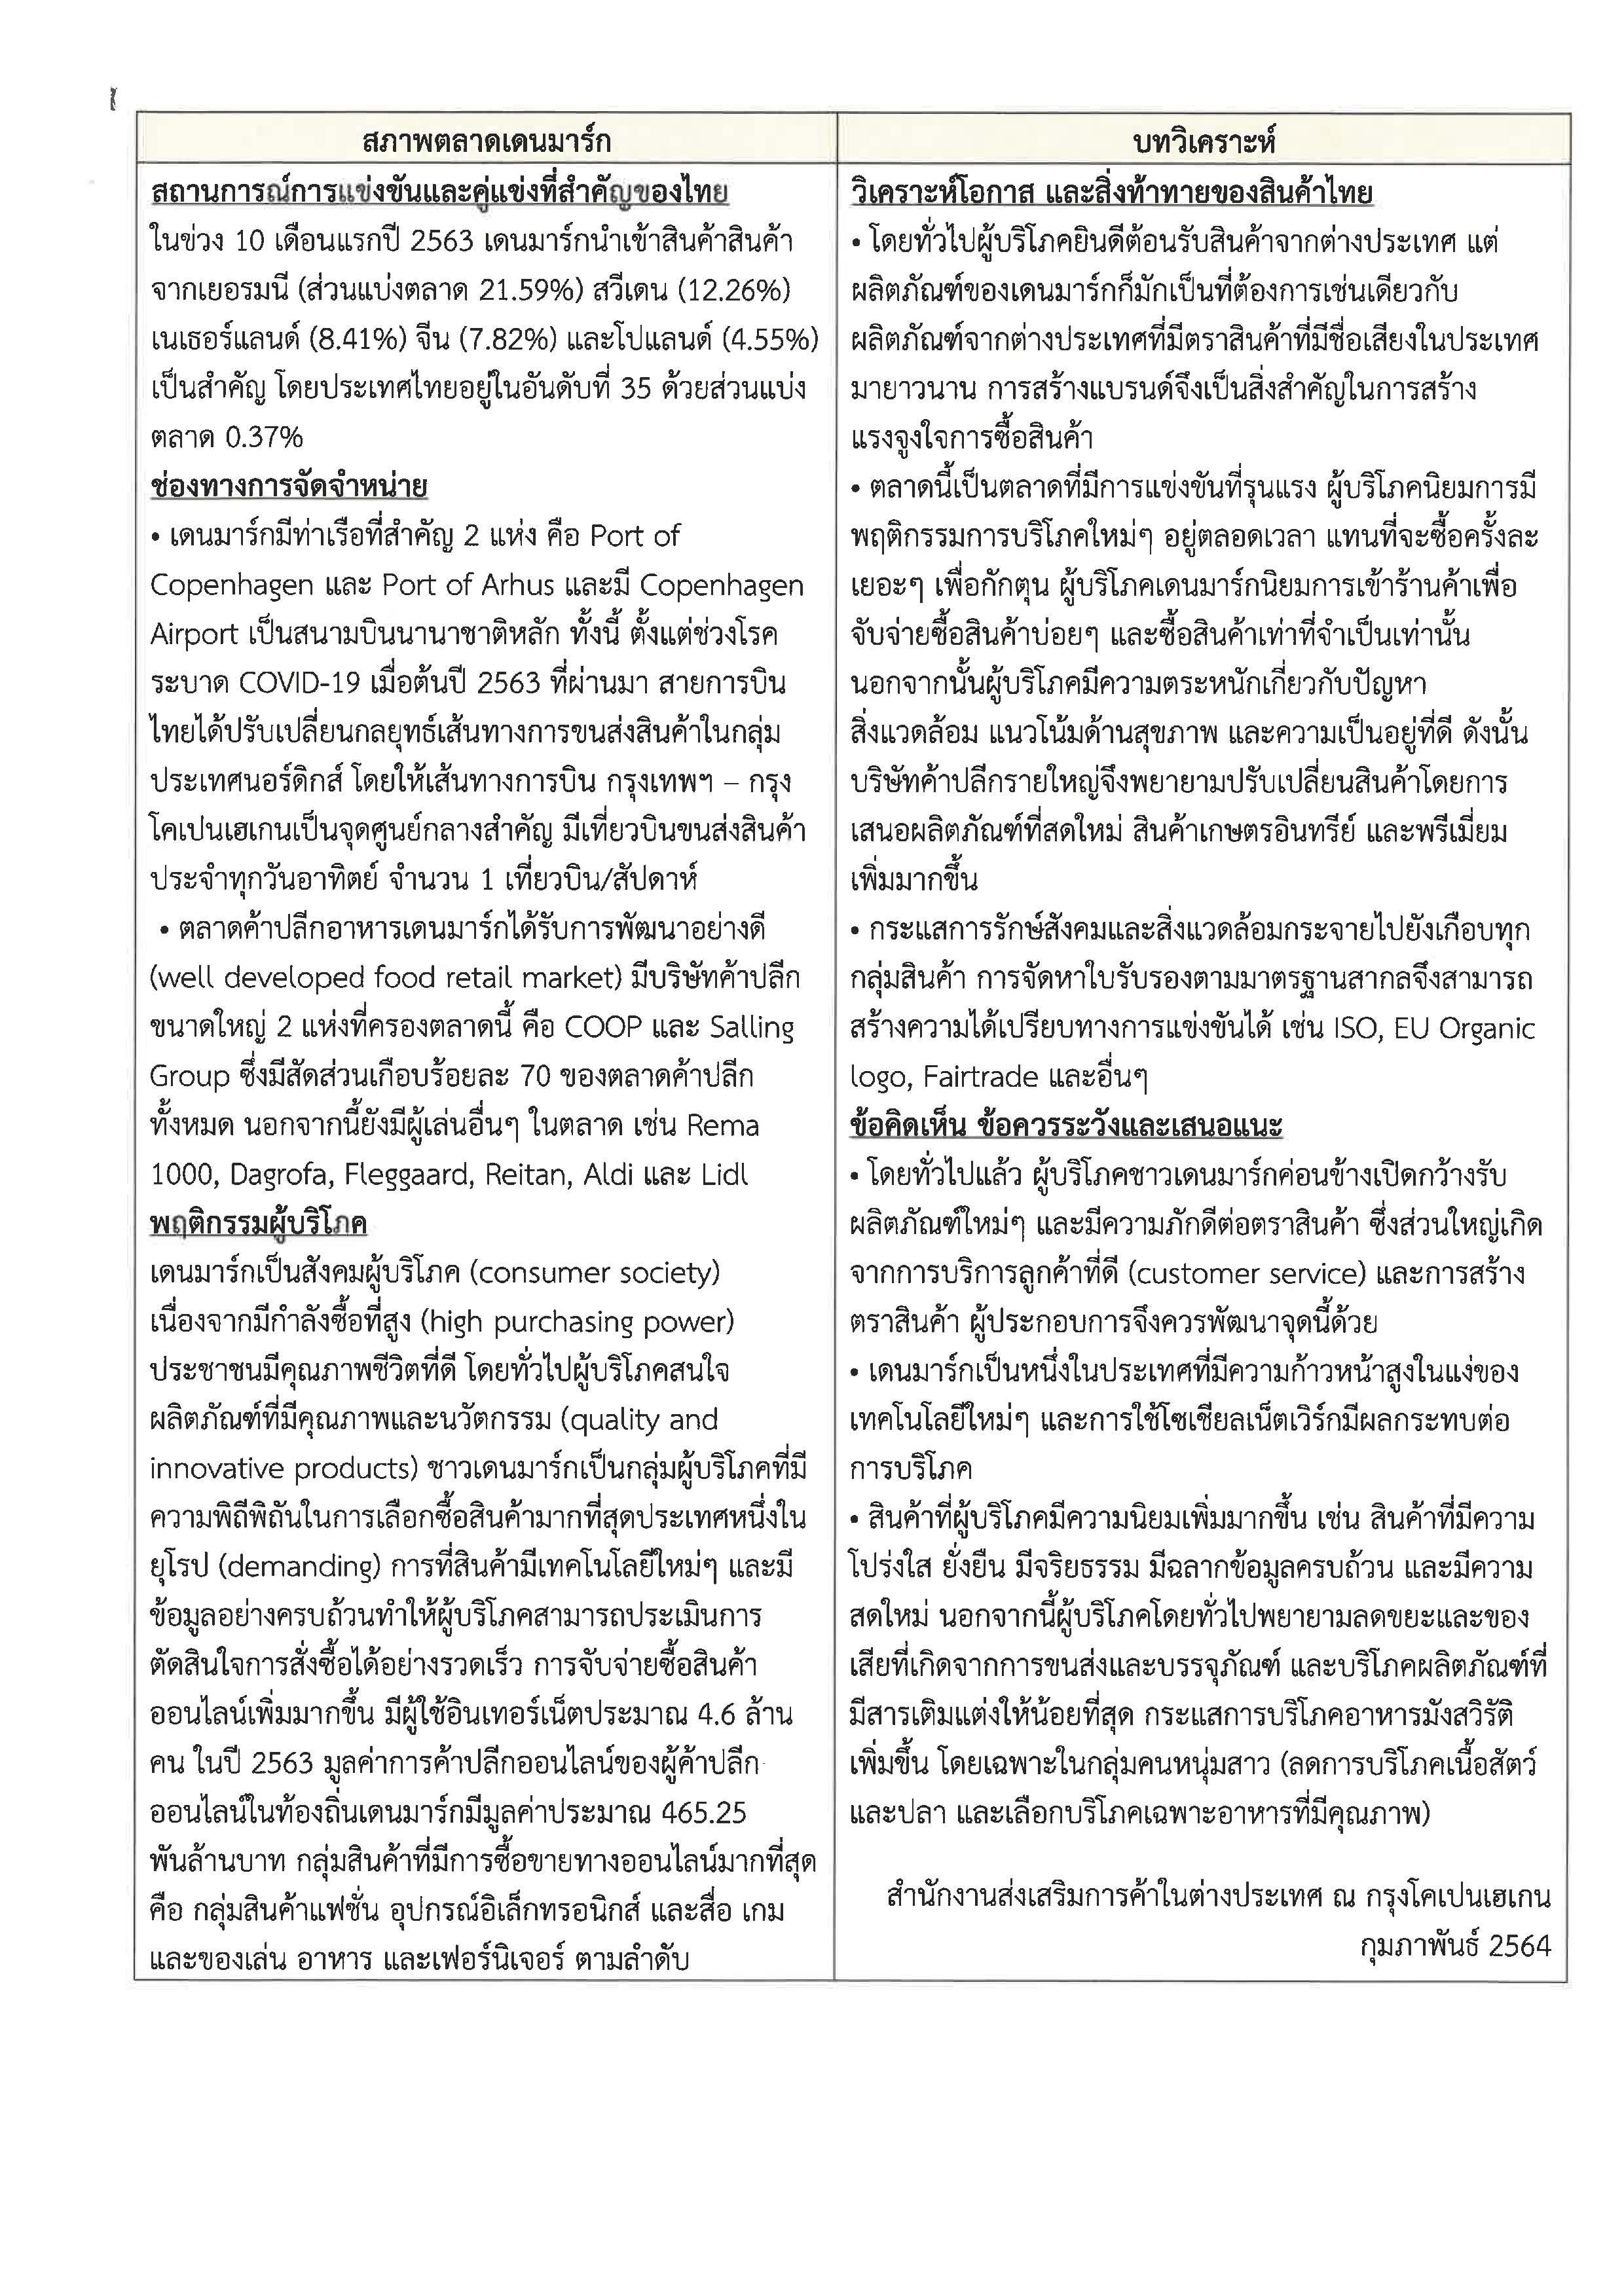 ข้อมูลเศรษฐกิจไทย-เดนมาร์ก_Page_3